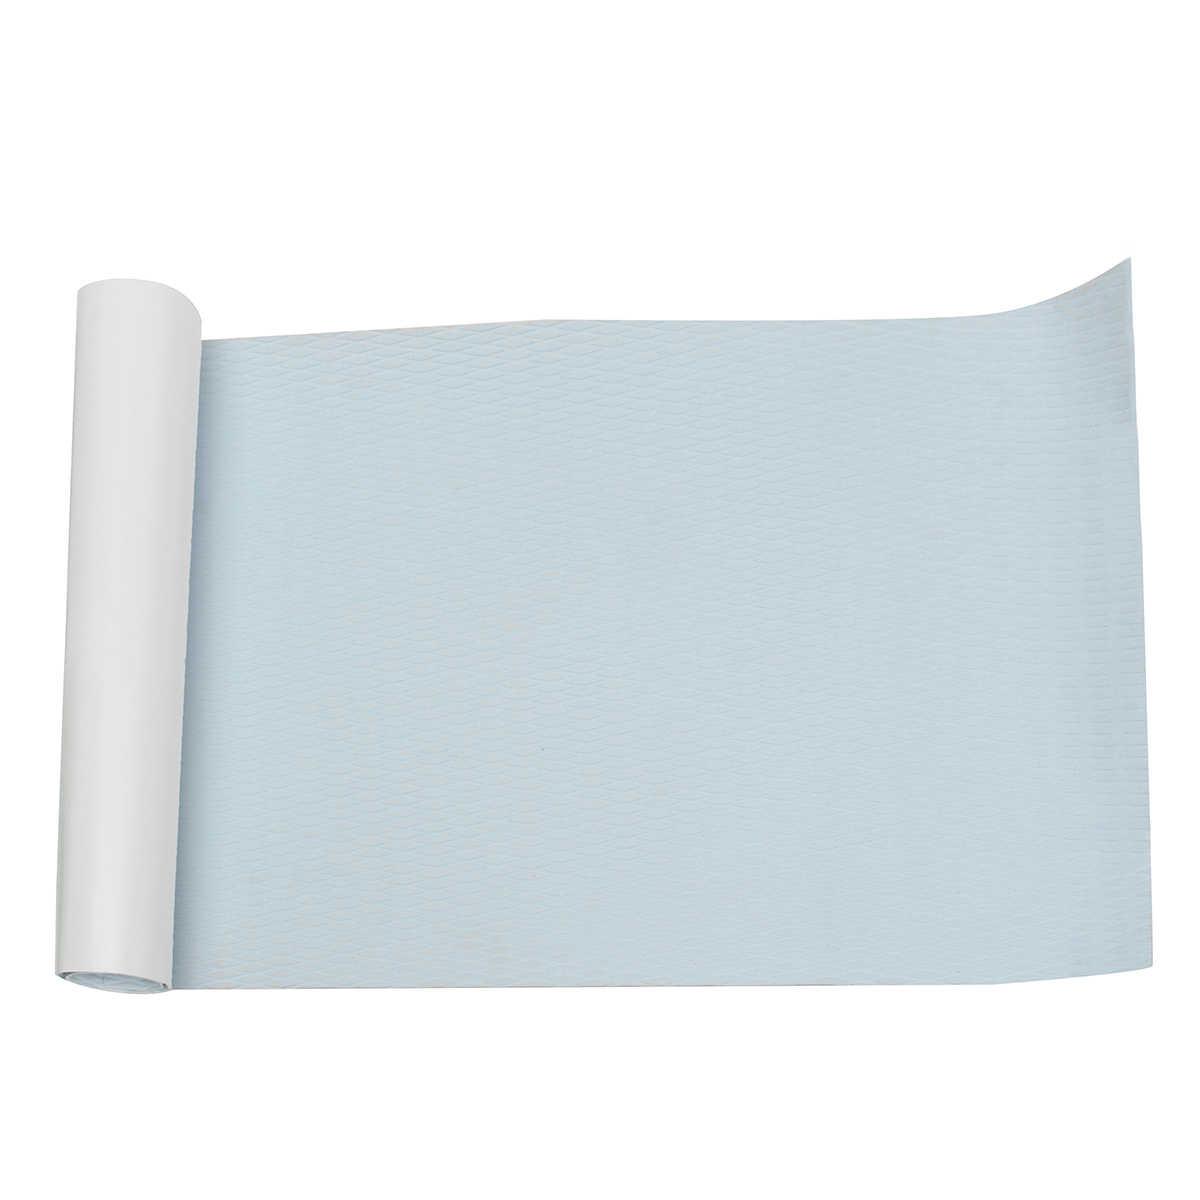 2200x900x5 мм пены EVA тиковая палуба лист самоклеющиеся морской яхты Синтетическим Настилом пены пол коврик ковер DIY питания